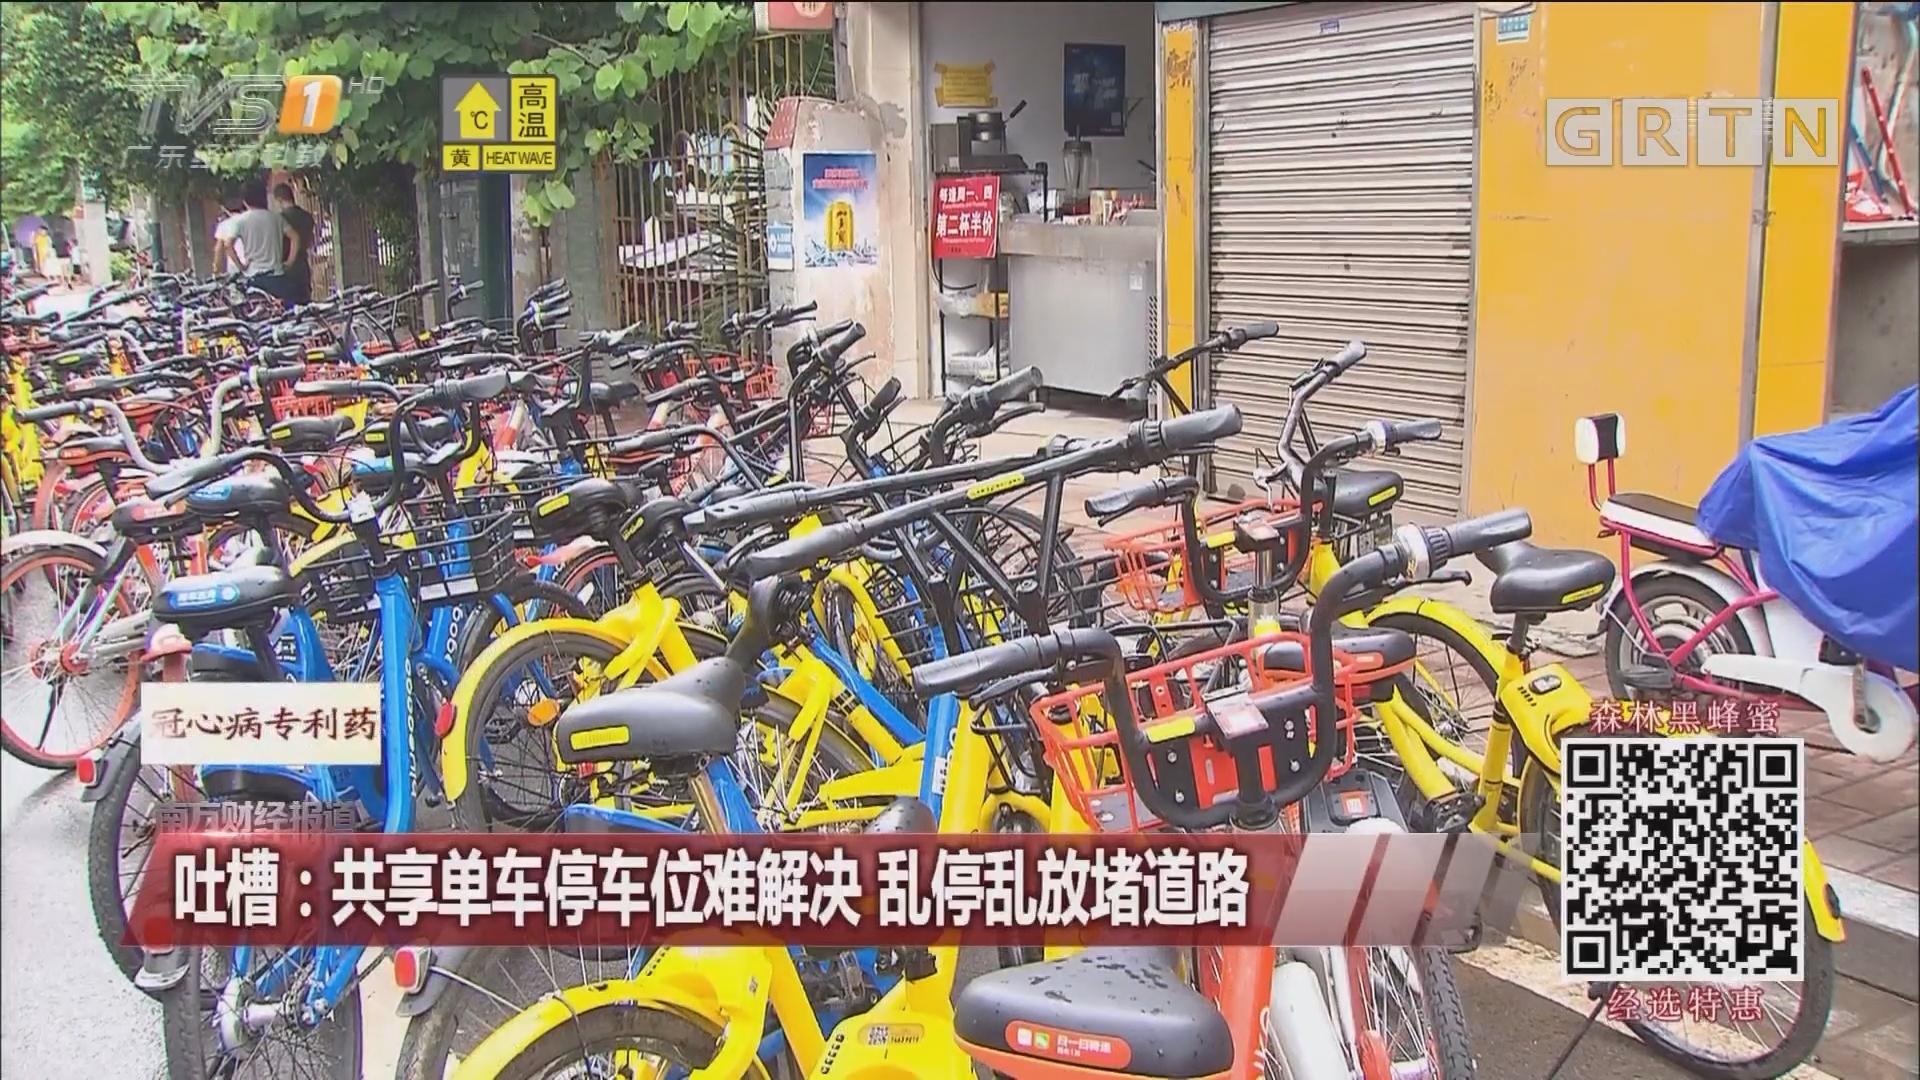 吐槽:共享单车停车位难解决 乱停乱放堵道路